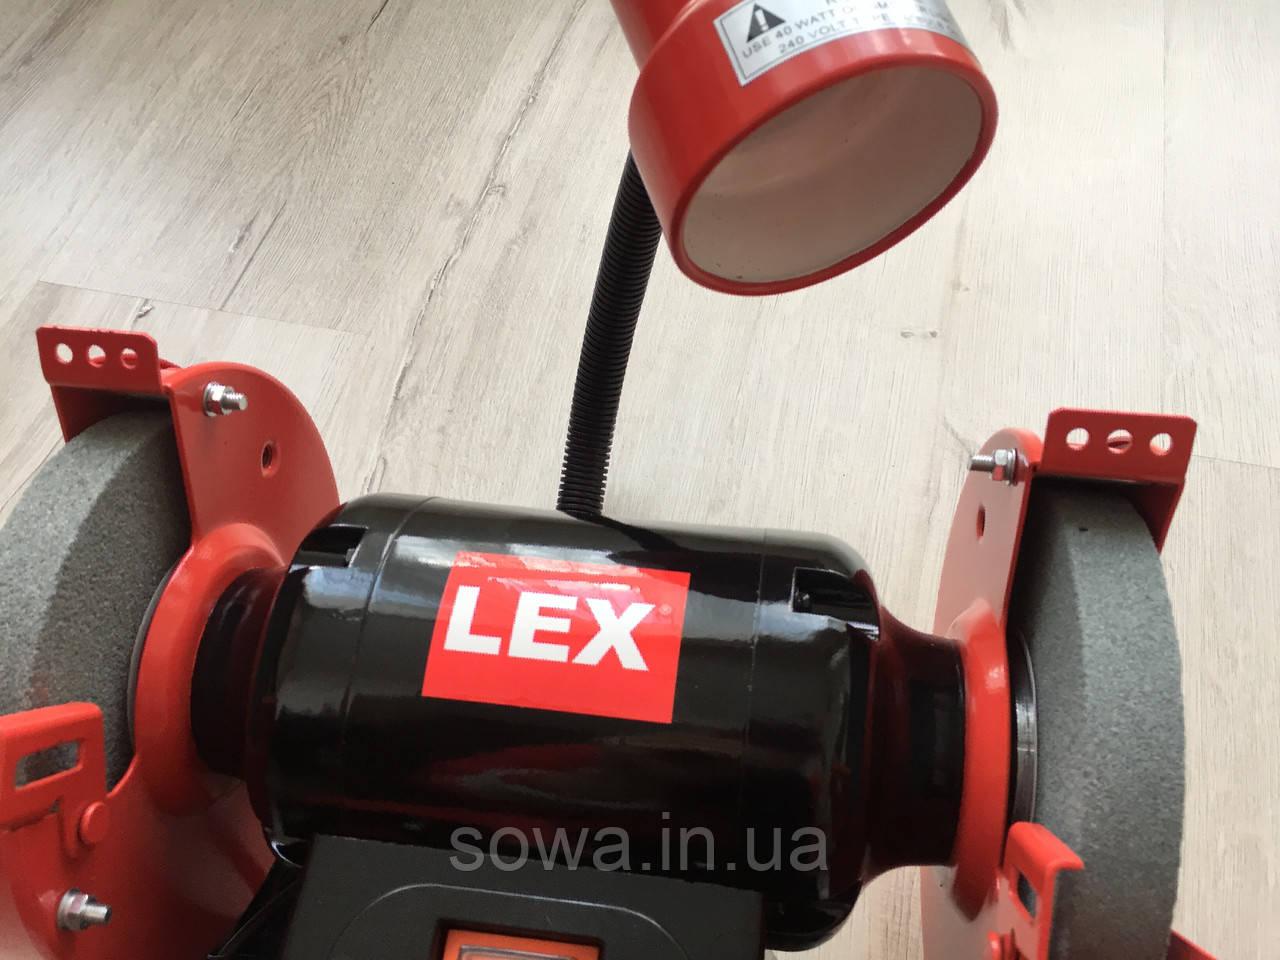 Точильный станок Lex LXBG14 | с подсветкой | 150мм, 1400Вт - фото 4